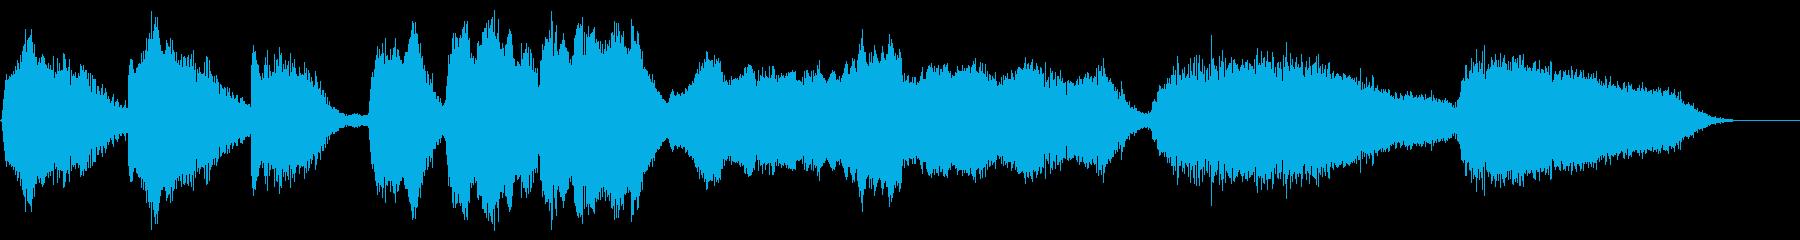 化け物を表現したホラーアンビエントの再生済みの波形